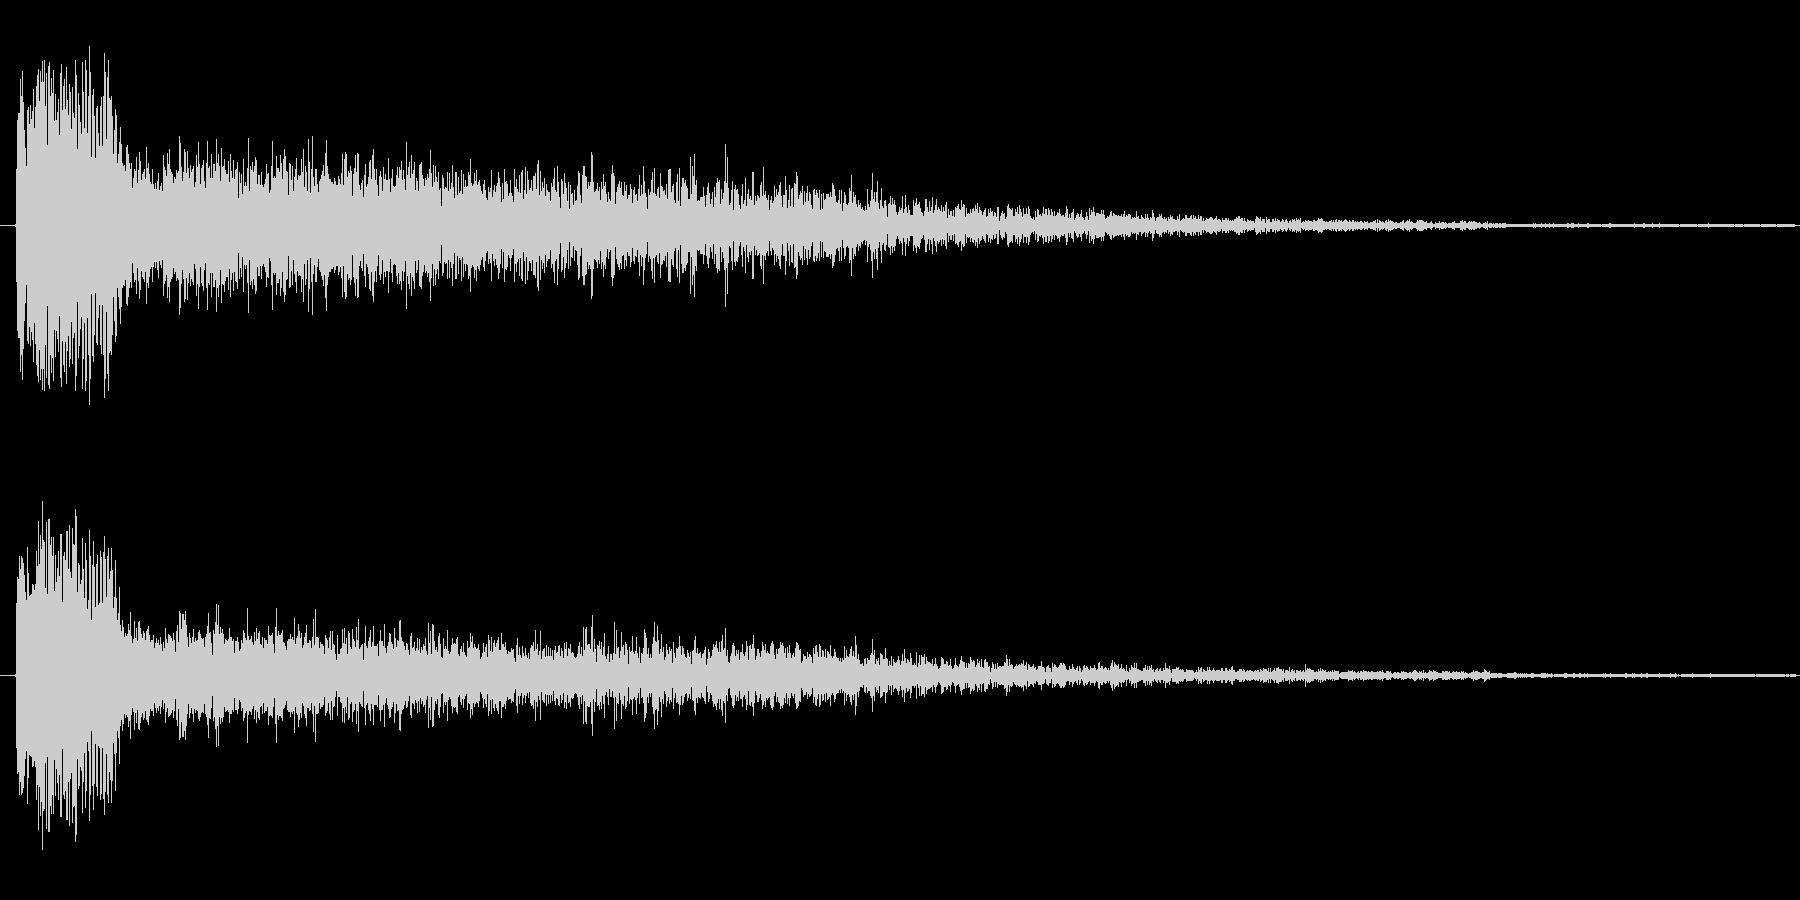 キック系 効果音の未再生の波形